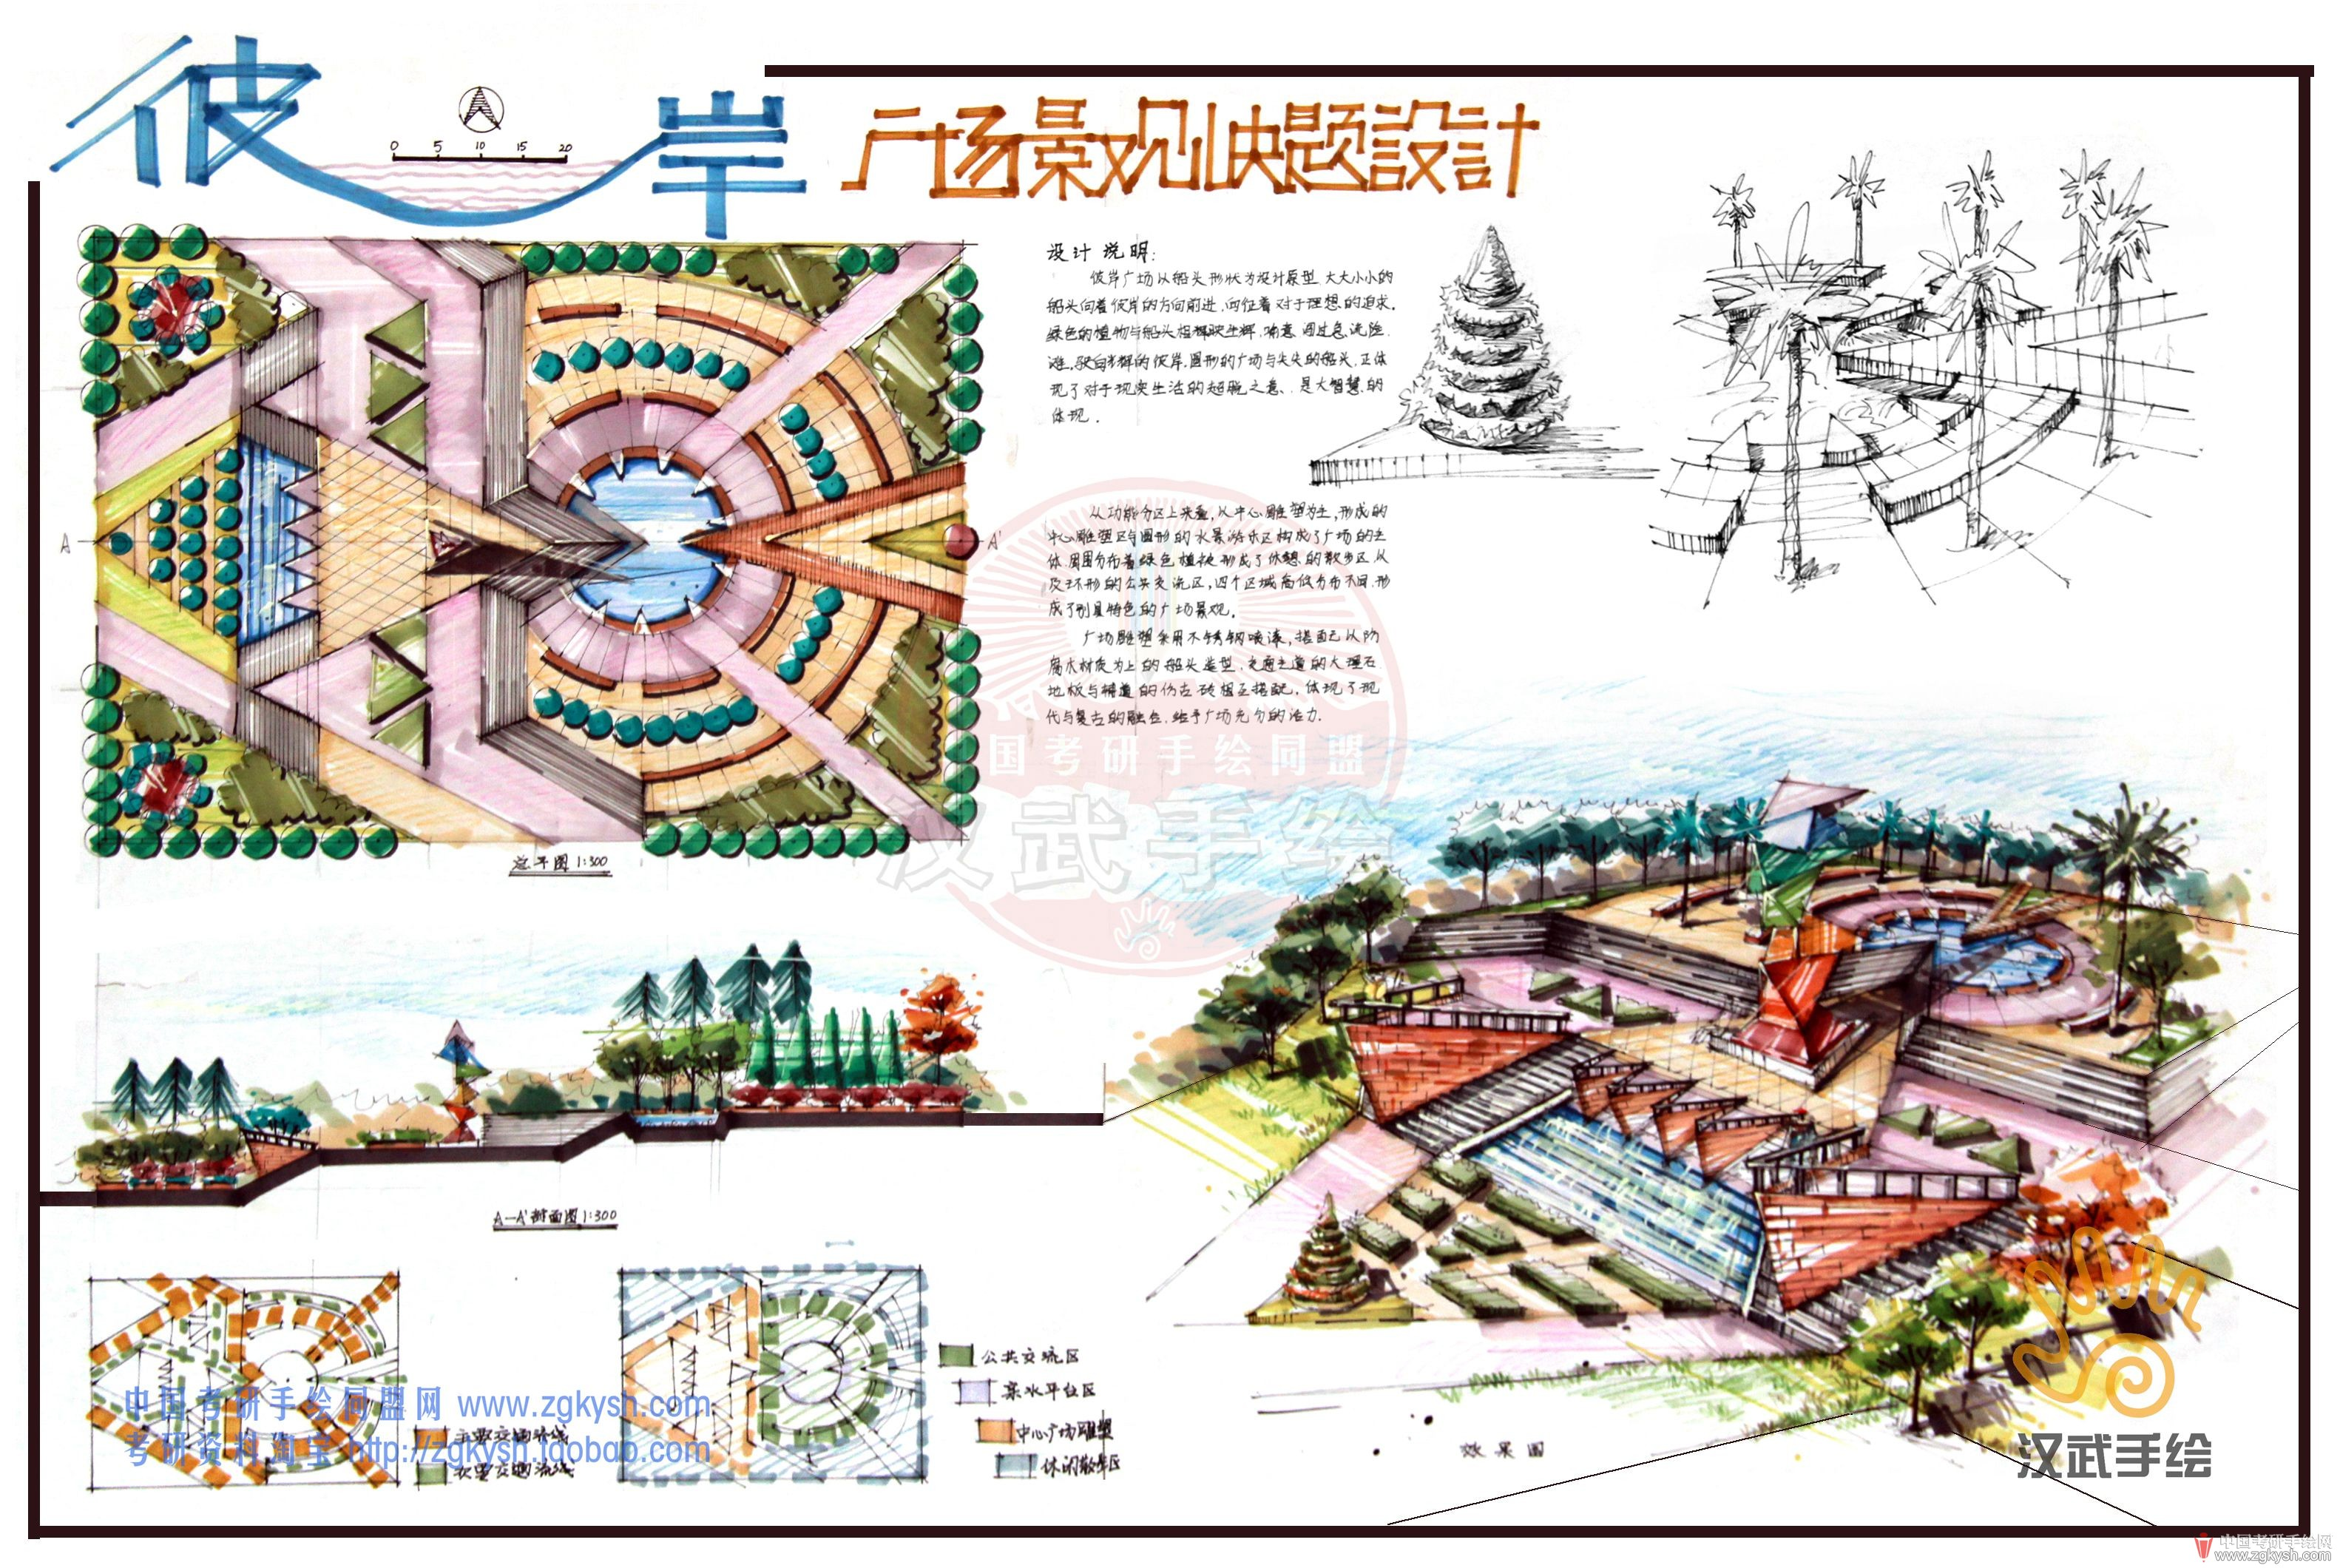 120张风景园林,景观环艺考研手绘快题模板-资源共享